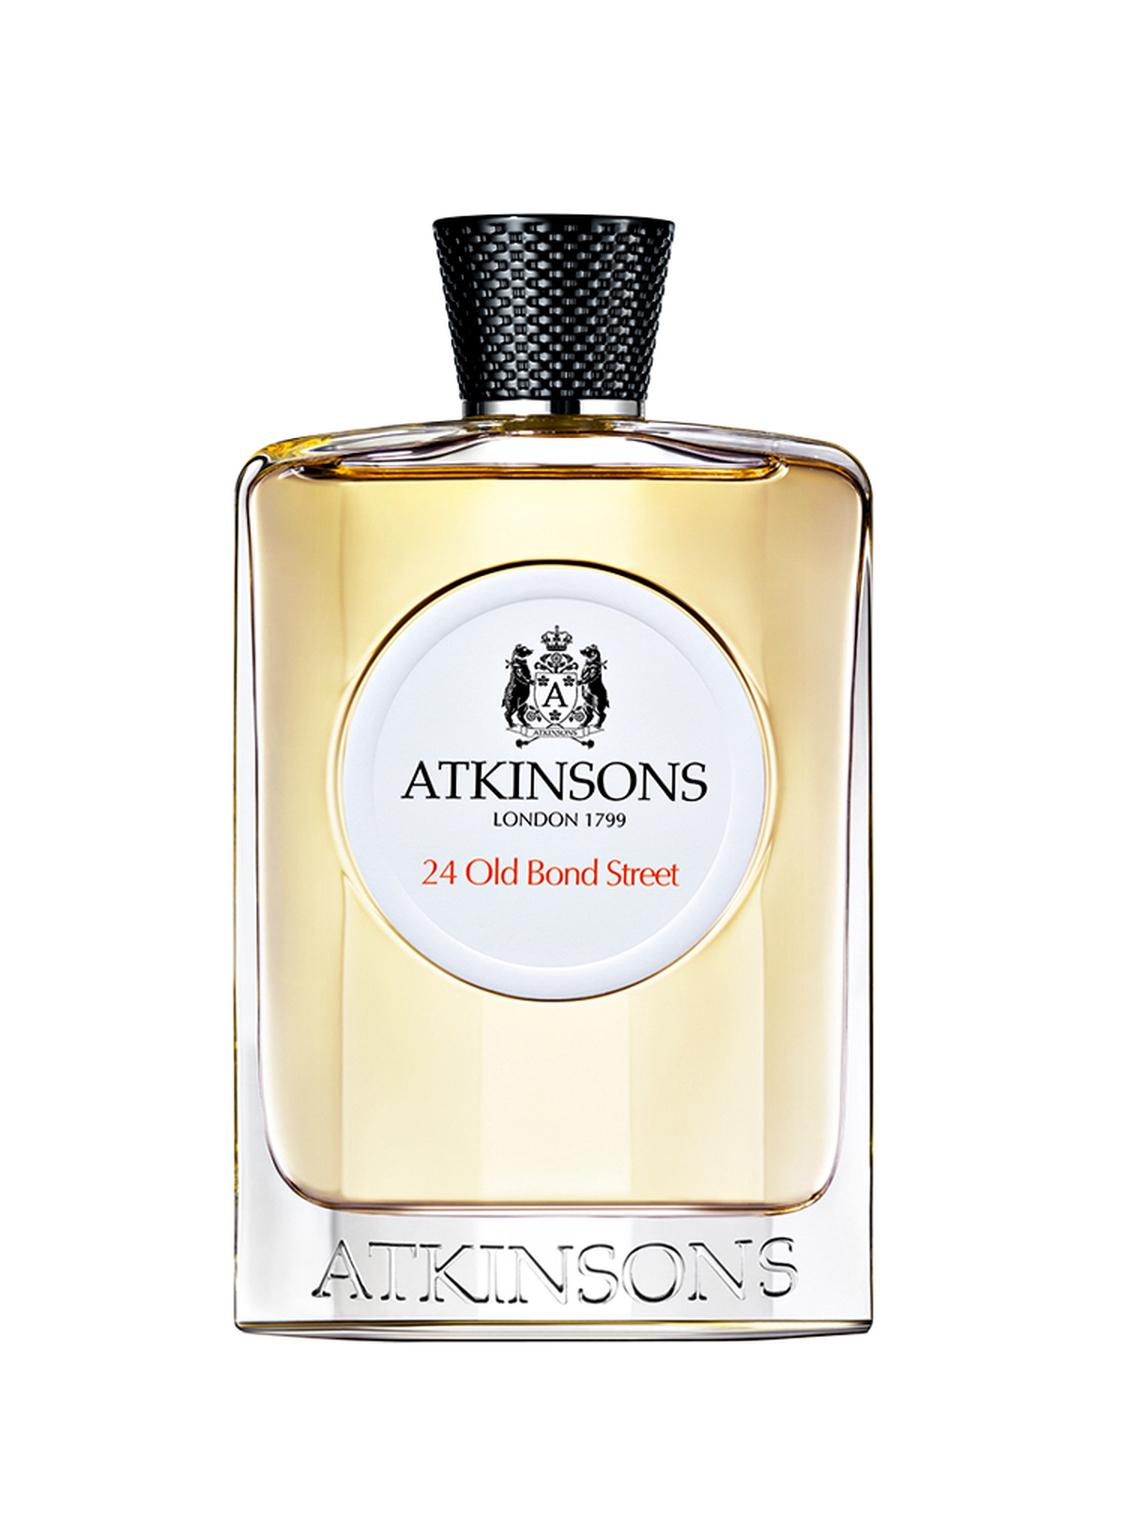 Image of Atkinsons 24 Old Bond Street Eau de Cologne 100 ml